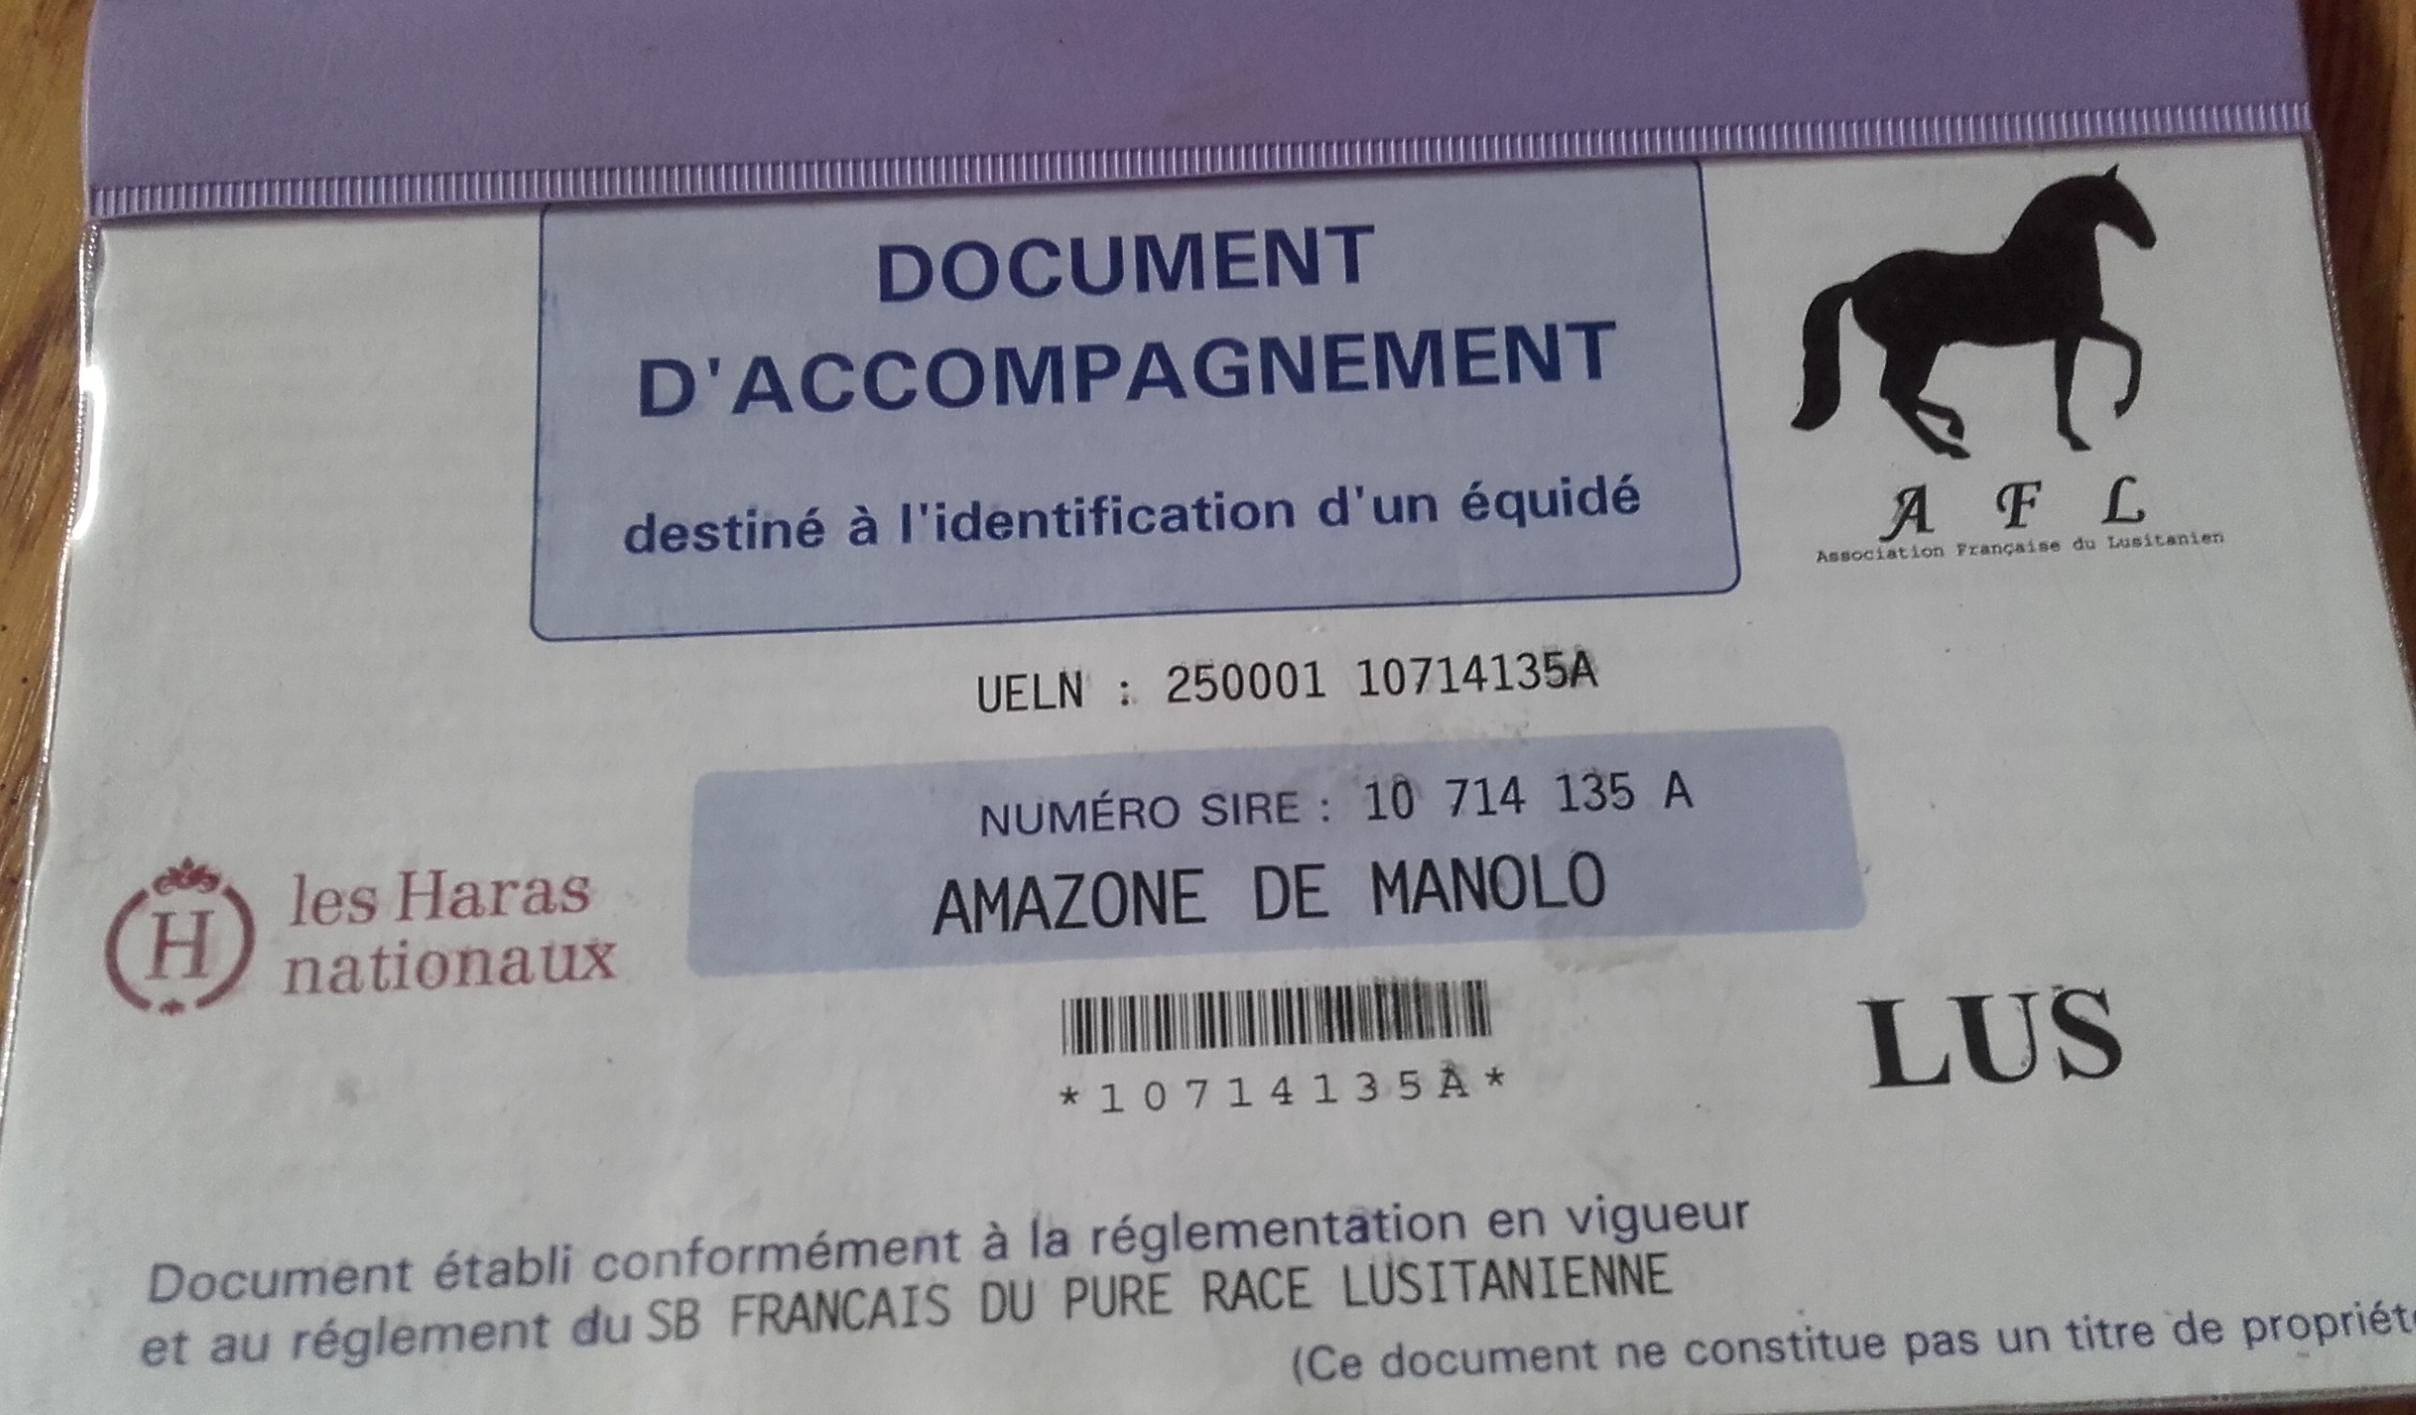 Amazone de Manolo